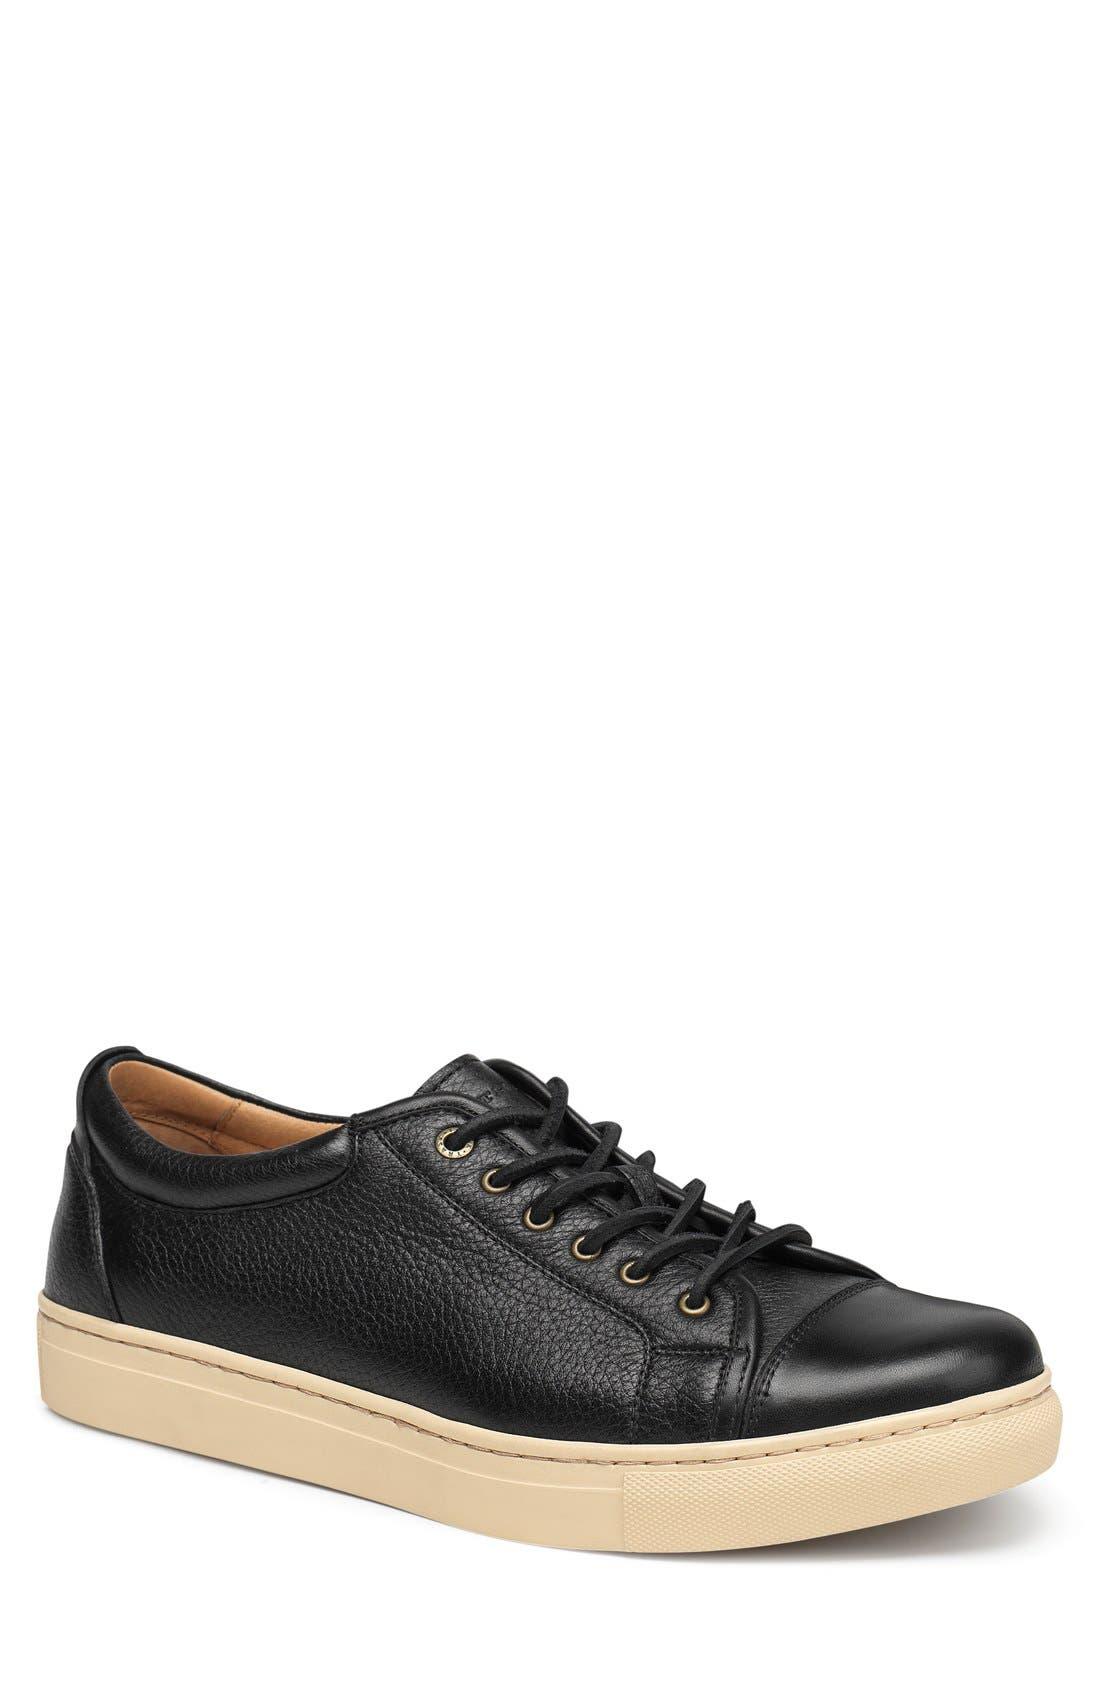 TRASK, 'Beck' Sneaker, Main thumbnail 1, color, BLACK NORWEGIAN ELK